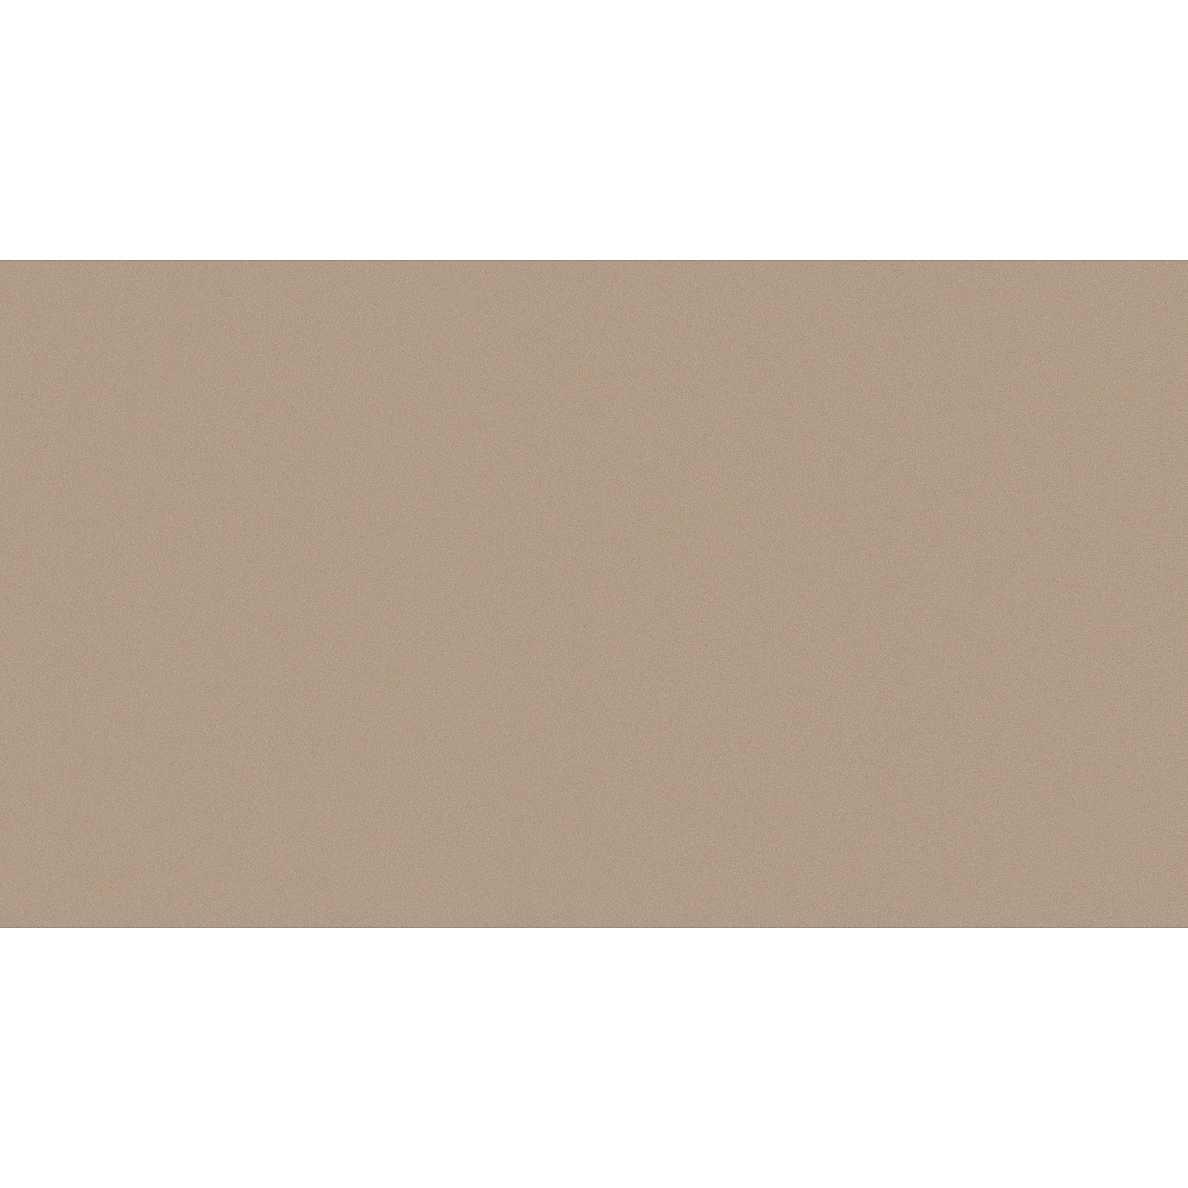 Colore Fughe Piastrelle Beige mattonella in gres porcellanato tinta unita colore beige